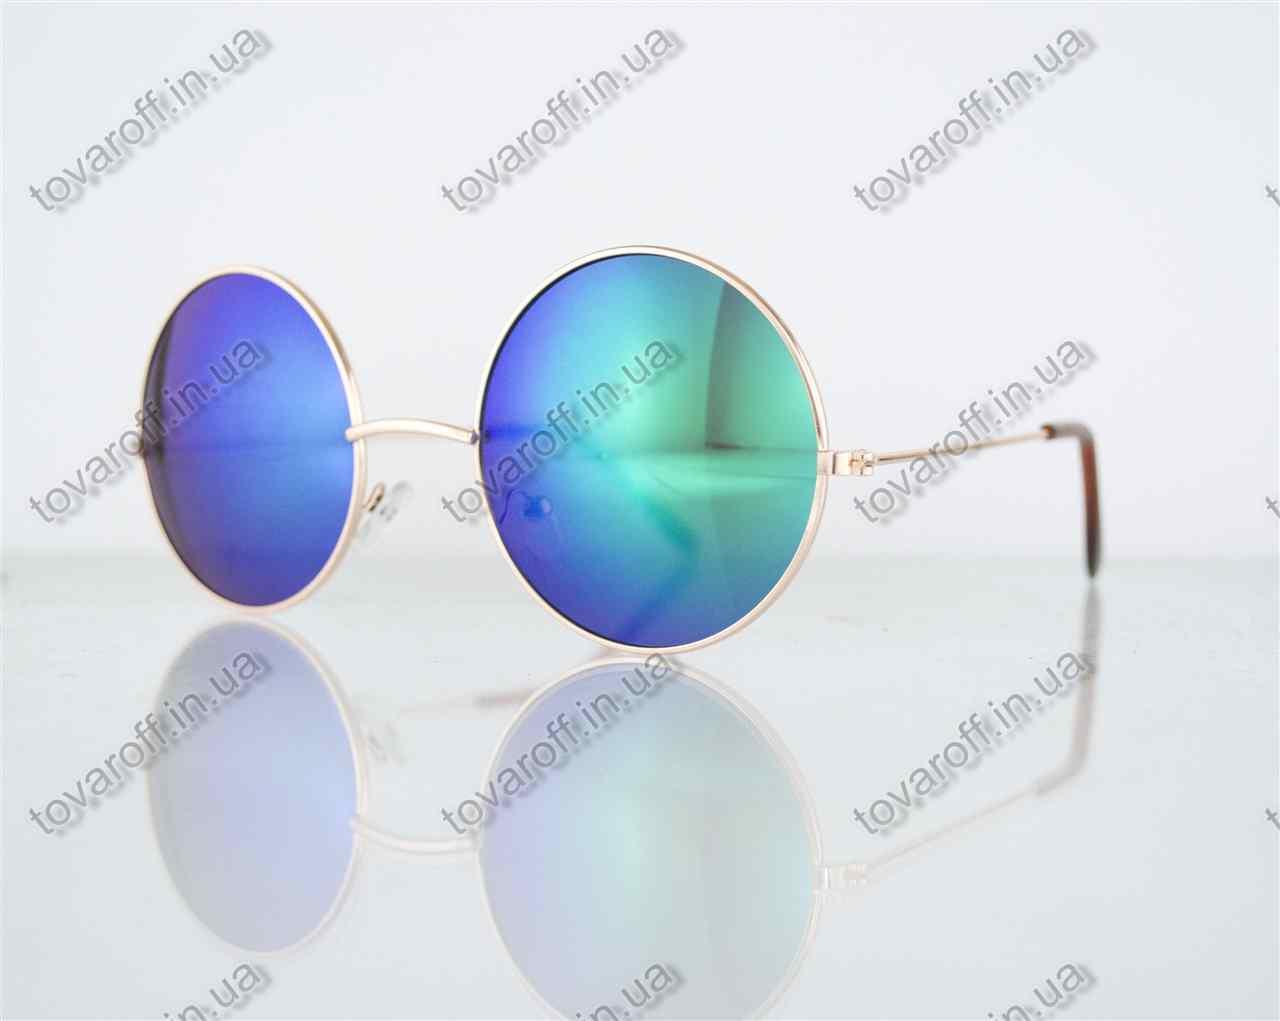 Оптом очки унисекс солнцезащитные круглые - Золотые с зелеными зеркальными линзами - 3014